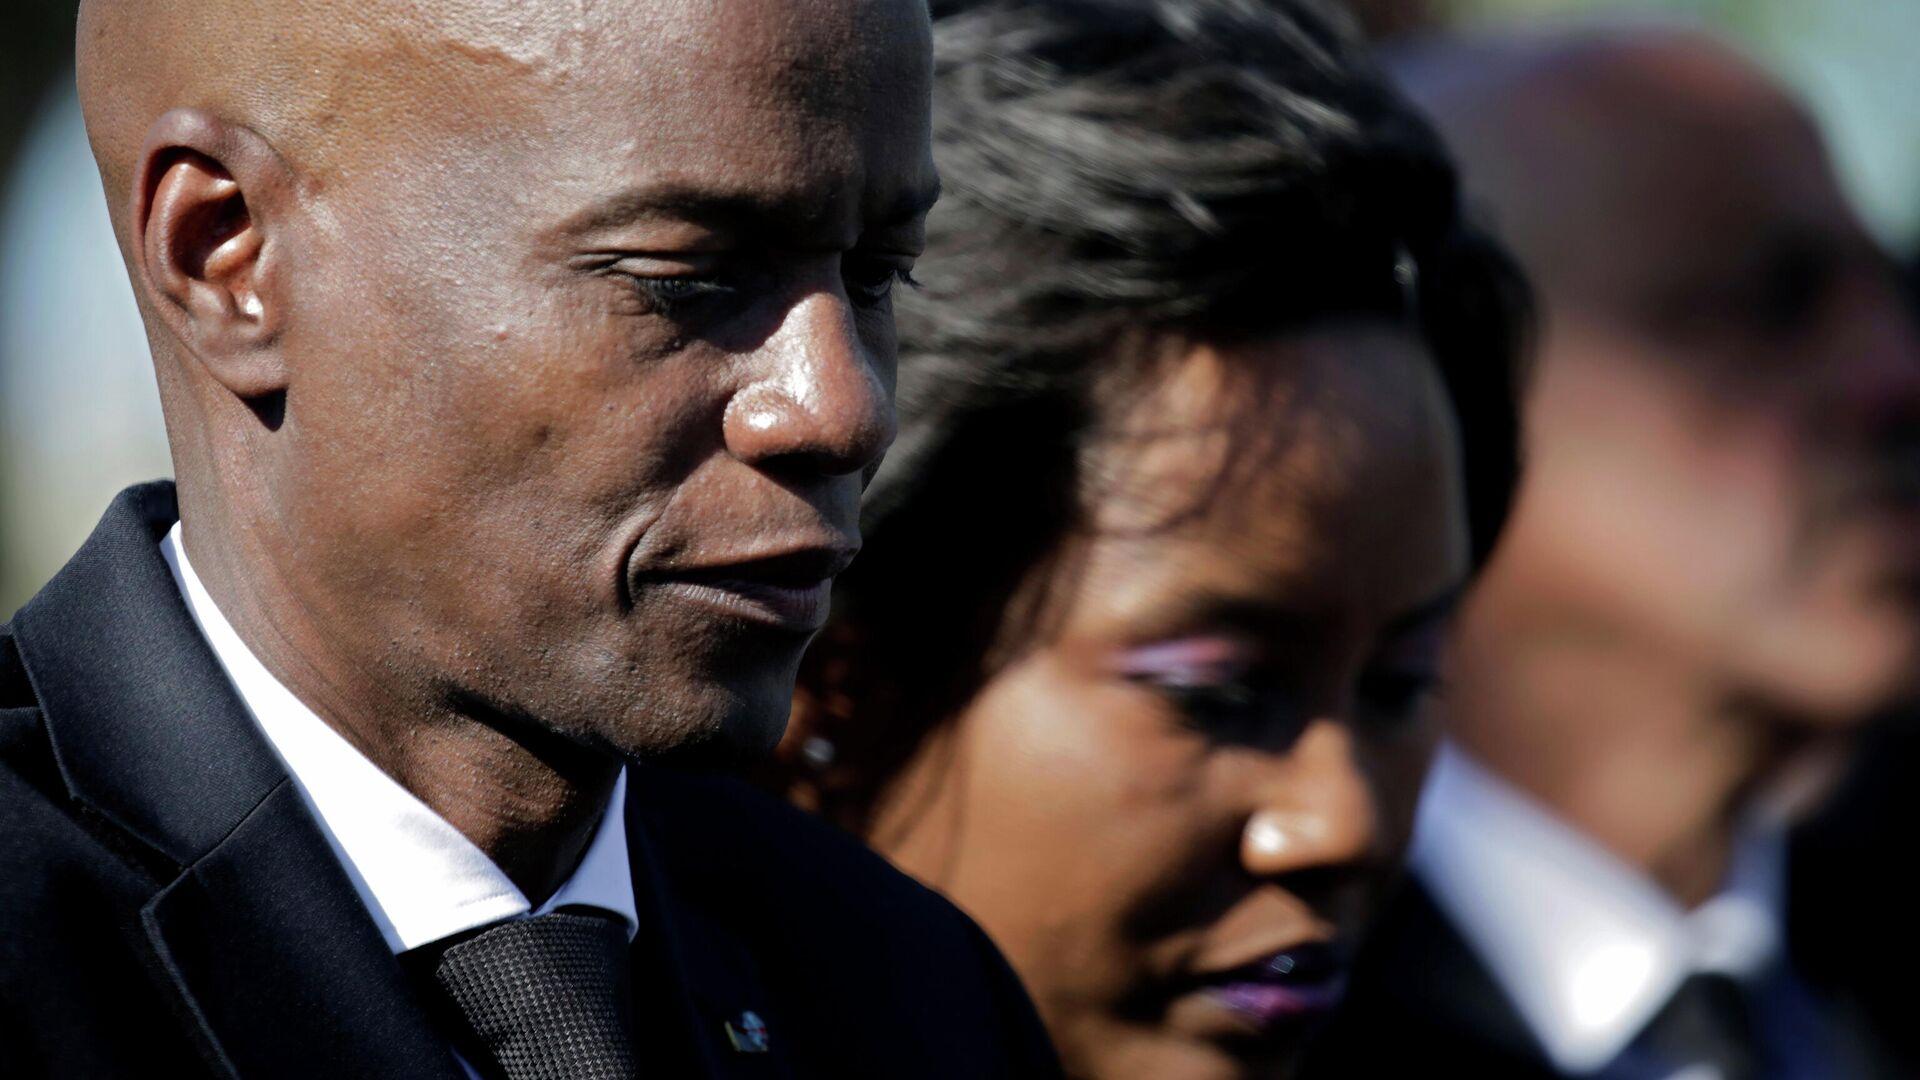 El presidente de Haití, Jovenel Moise, y de su esposa, Martine Moise - Sputnik Mundo, 1920, 12.07.2021